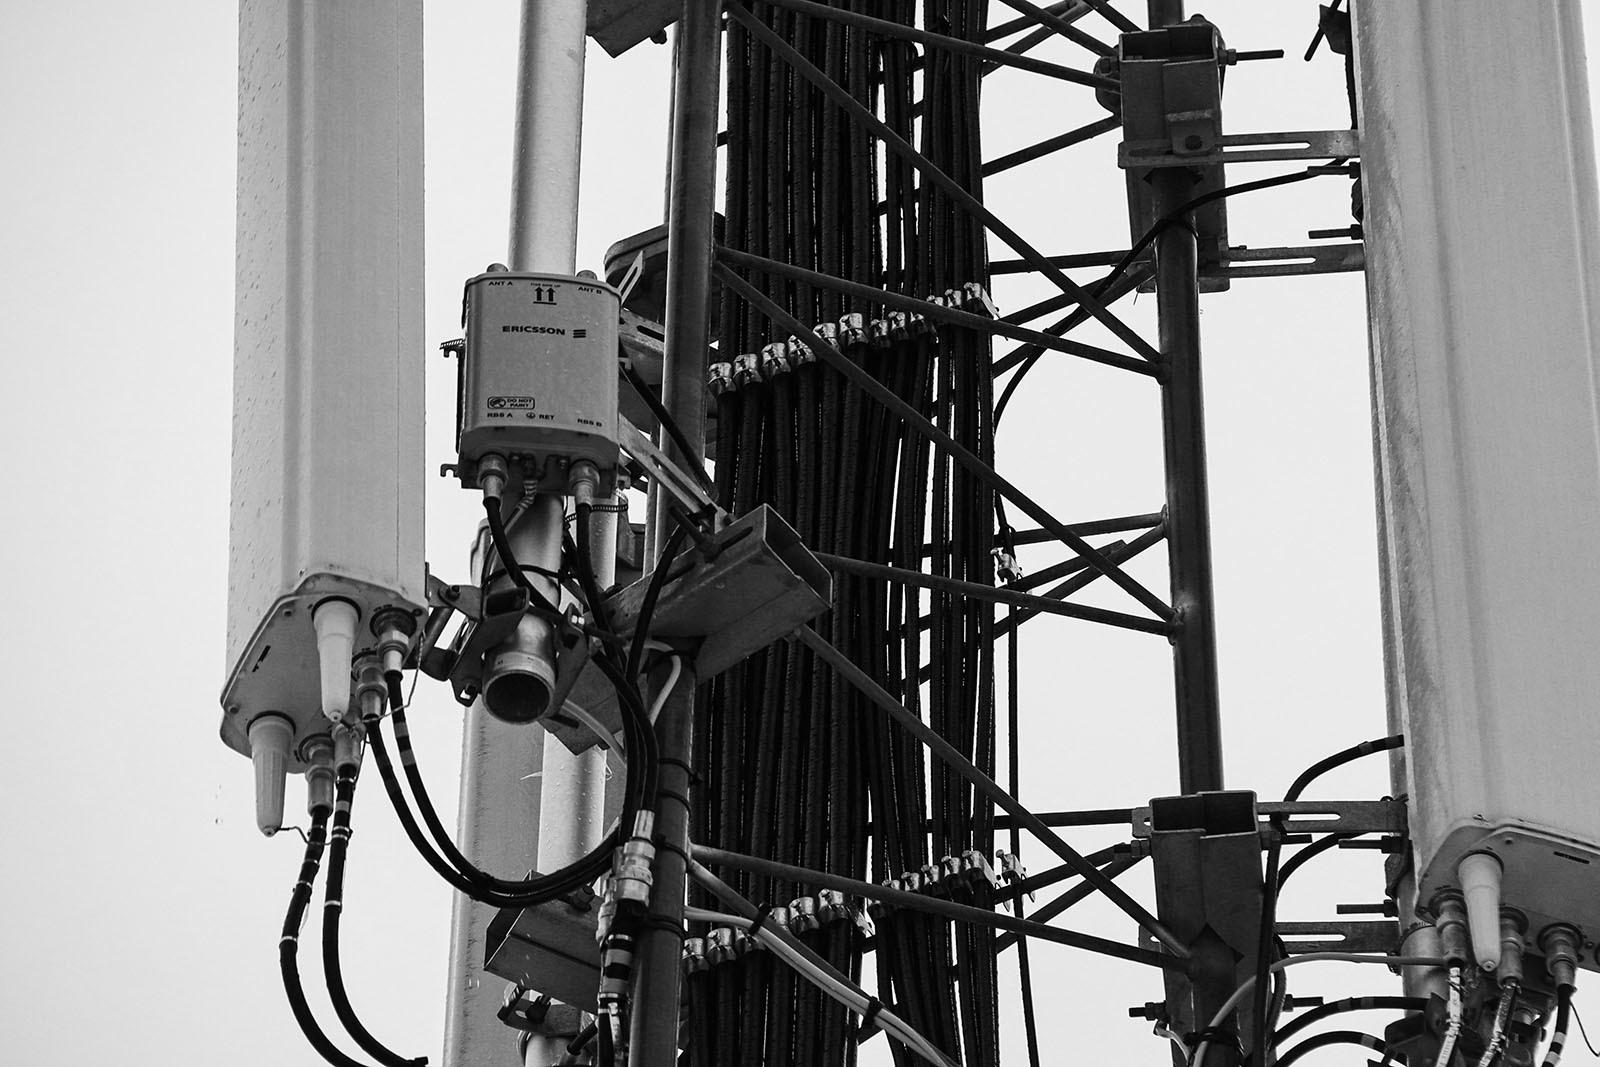 Ericsson-5g-telenor-infrastruktur-rappport-1